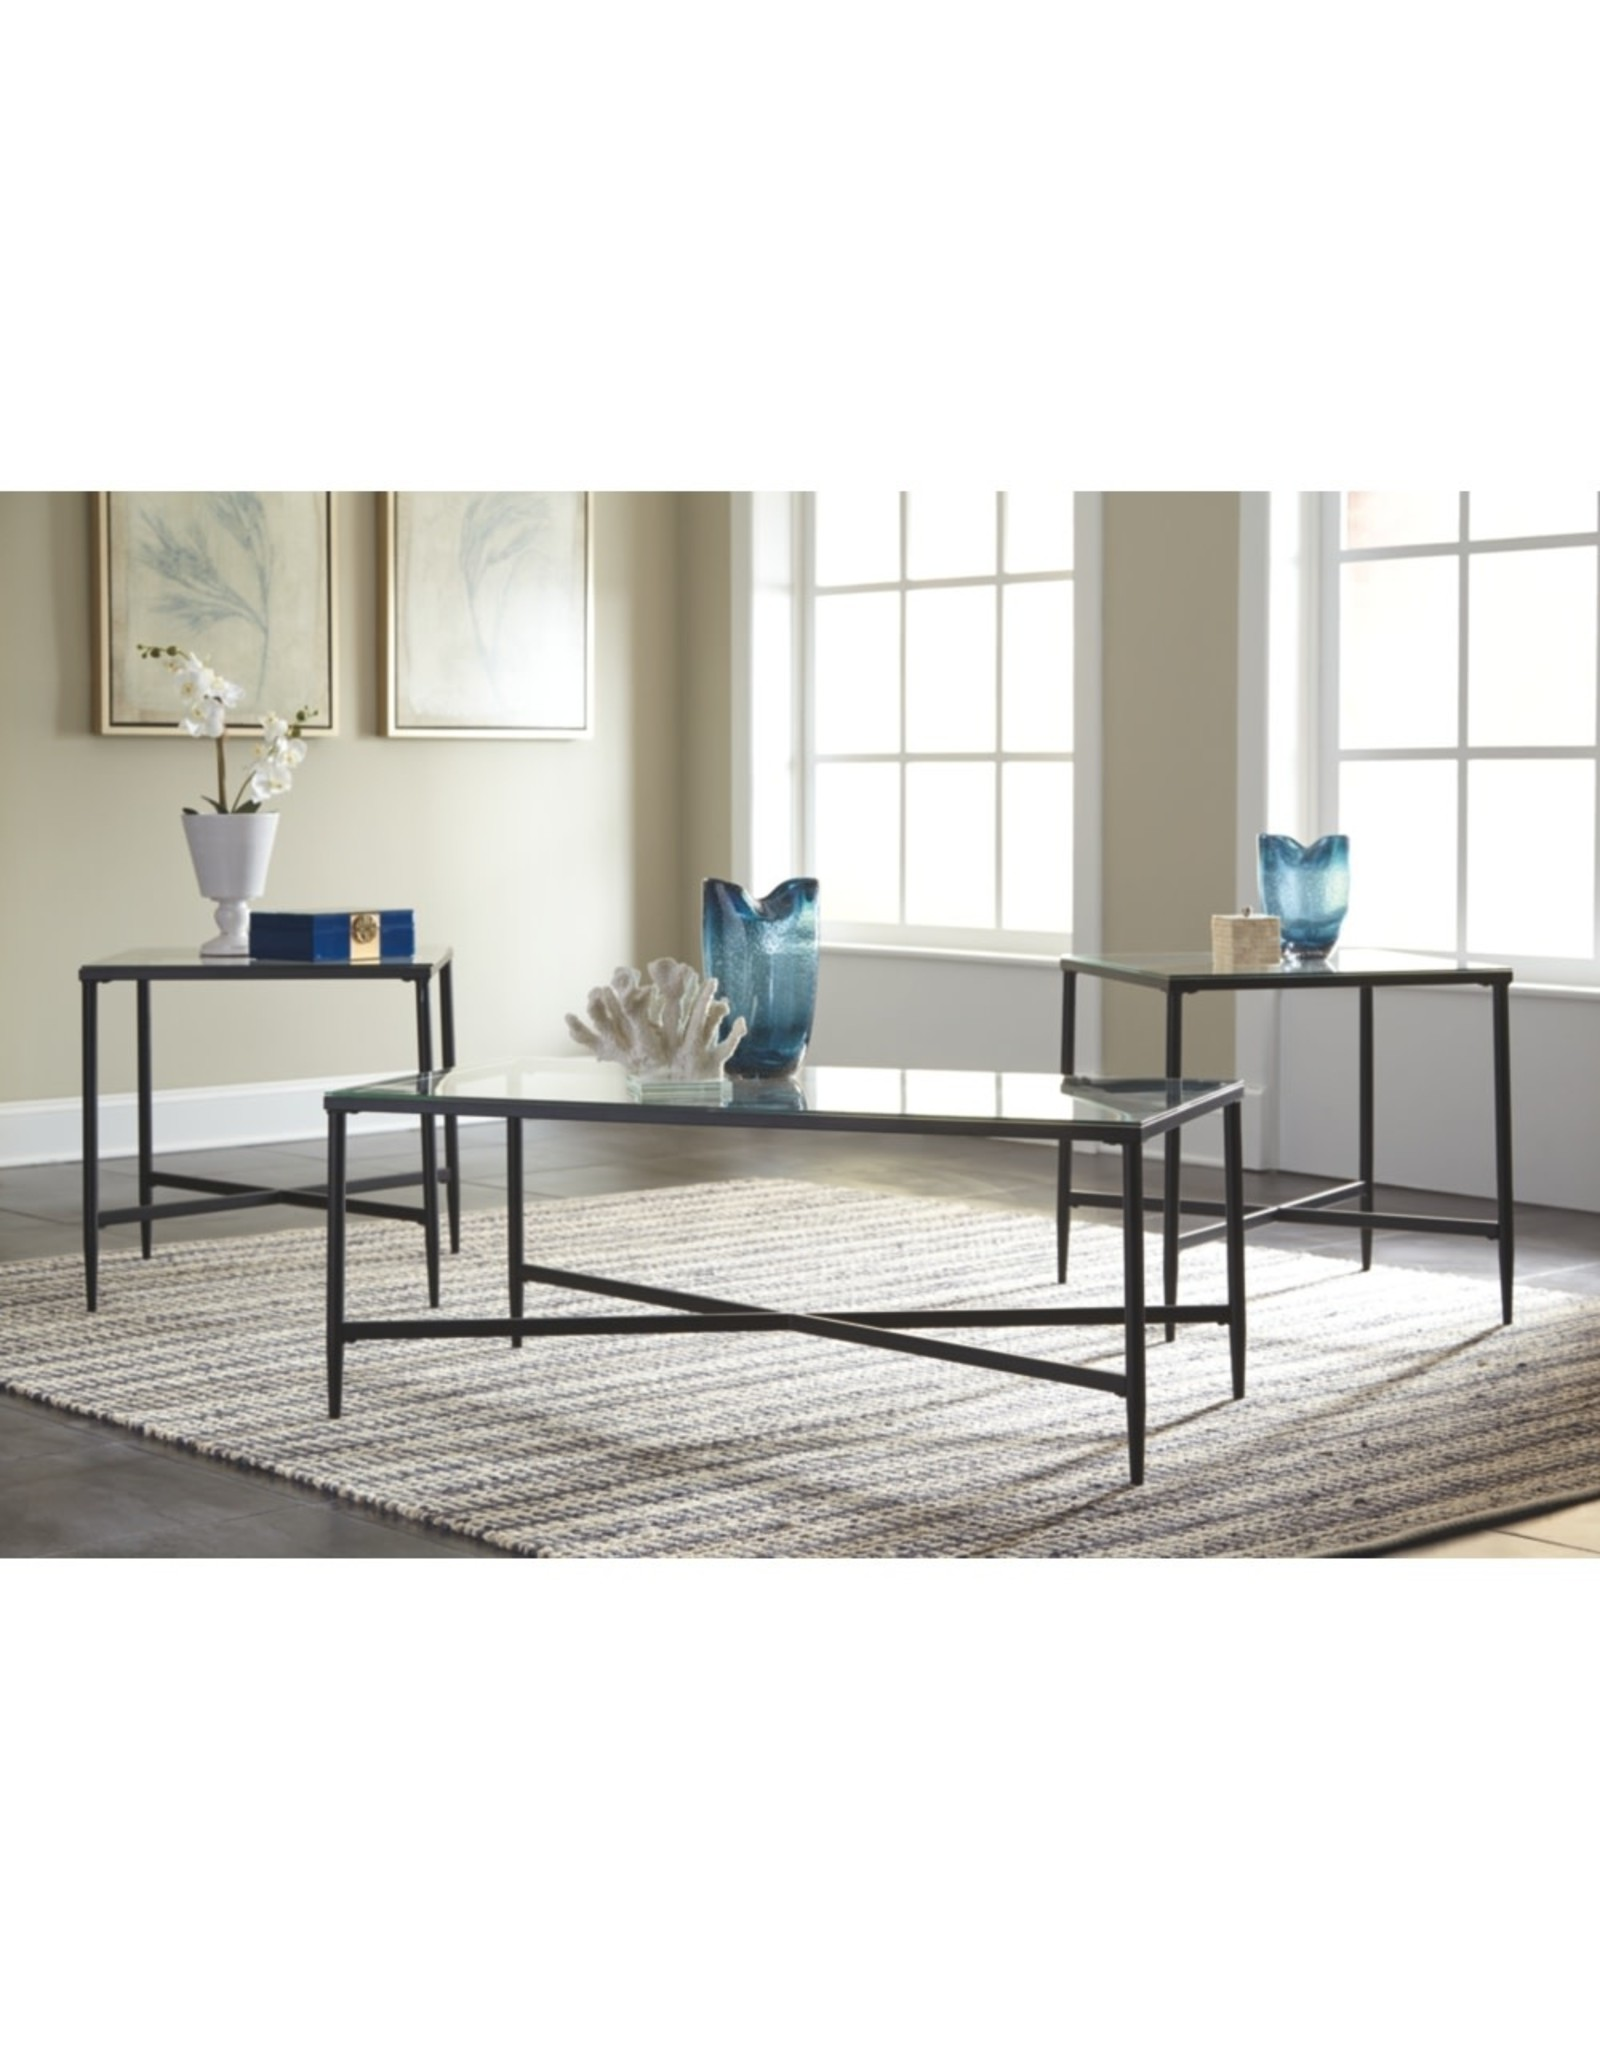 Augeron T003-13 3pc table set